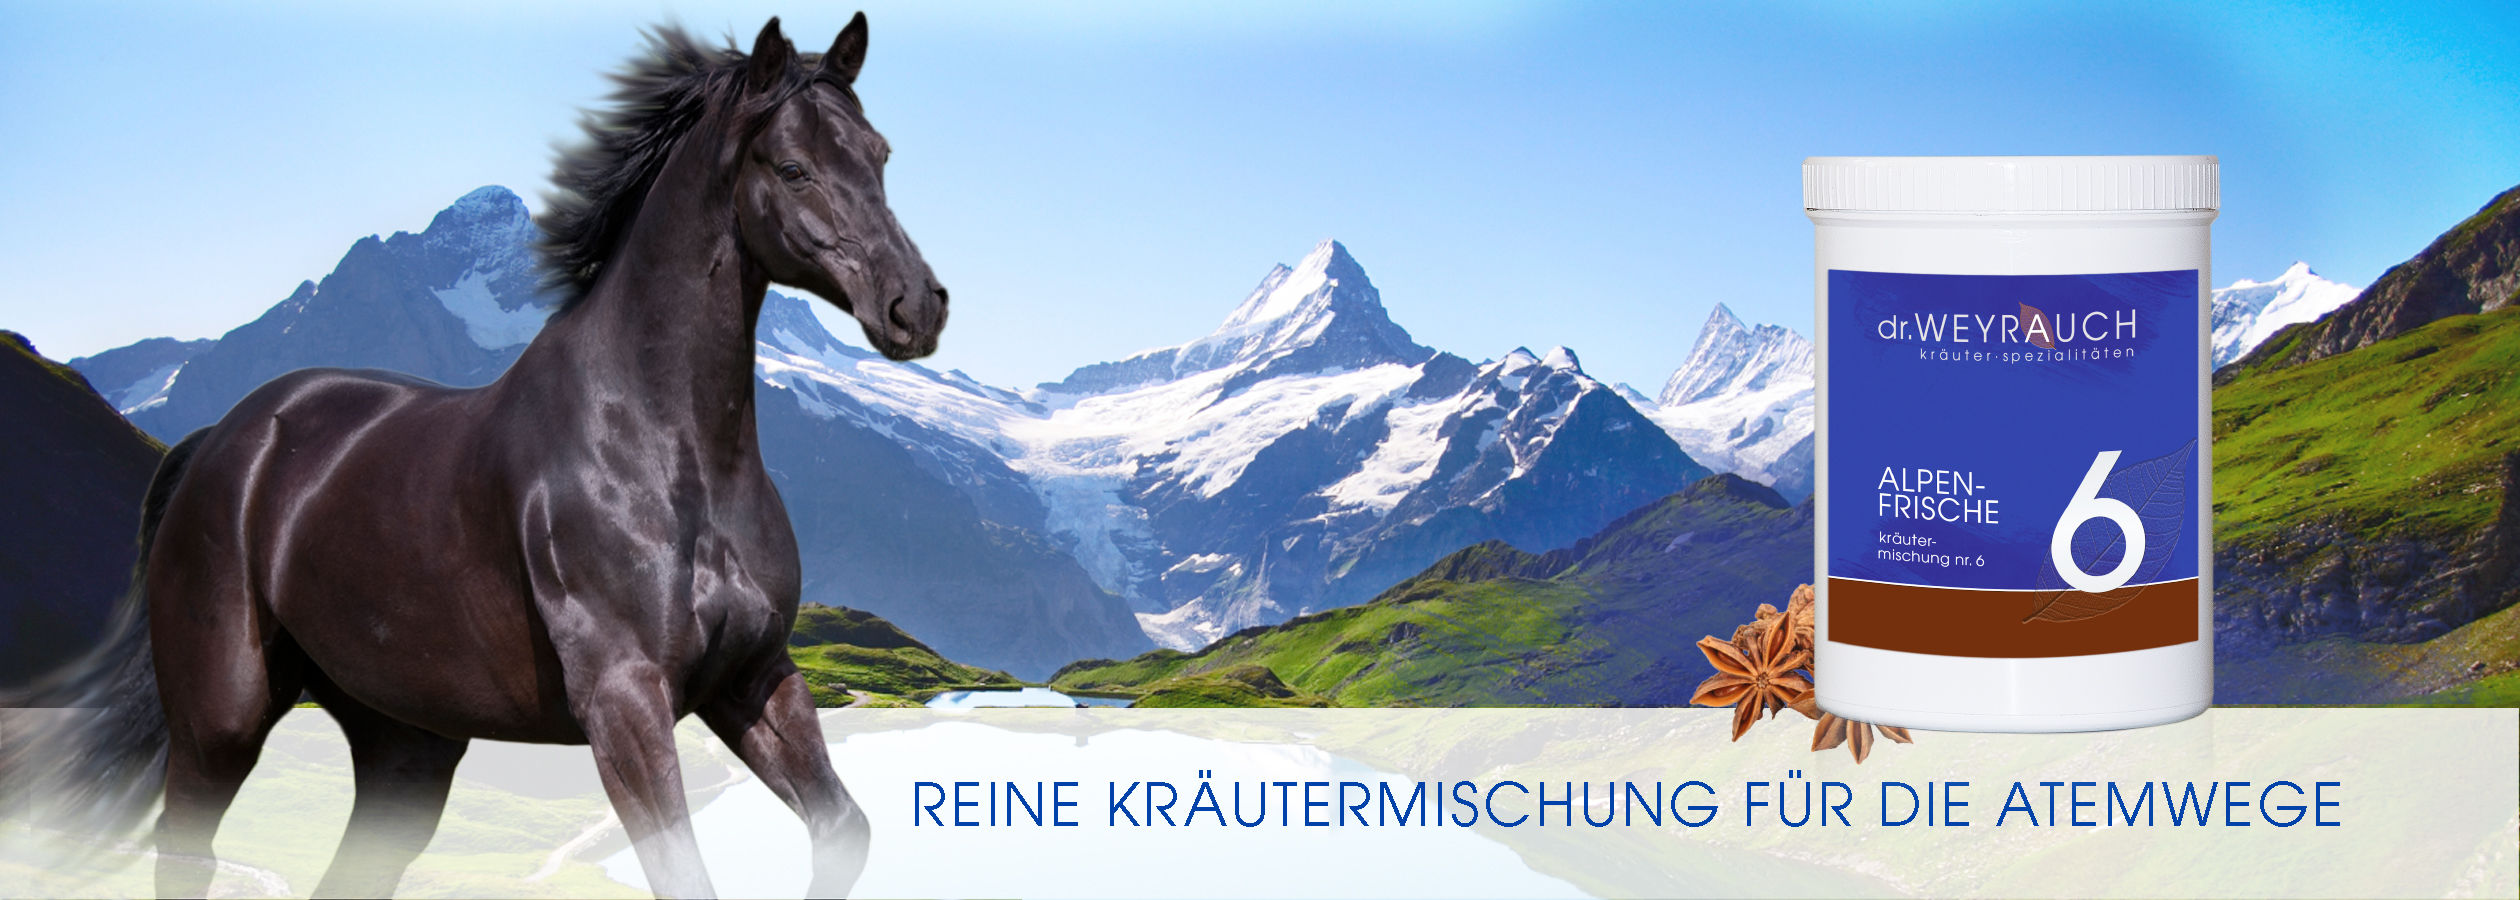 HEADER-2017-Alpenfrische-Pferd